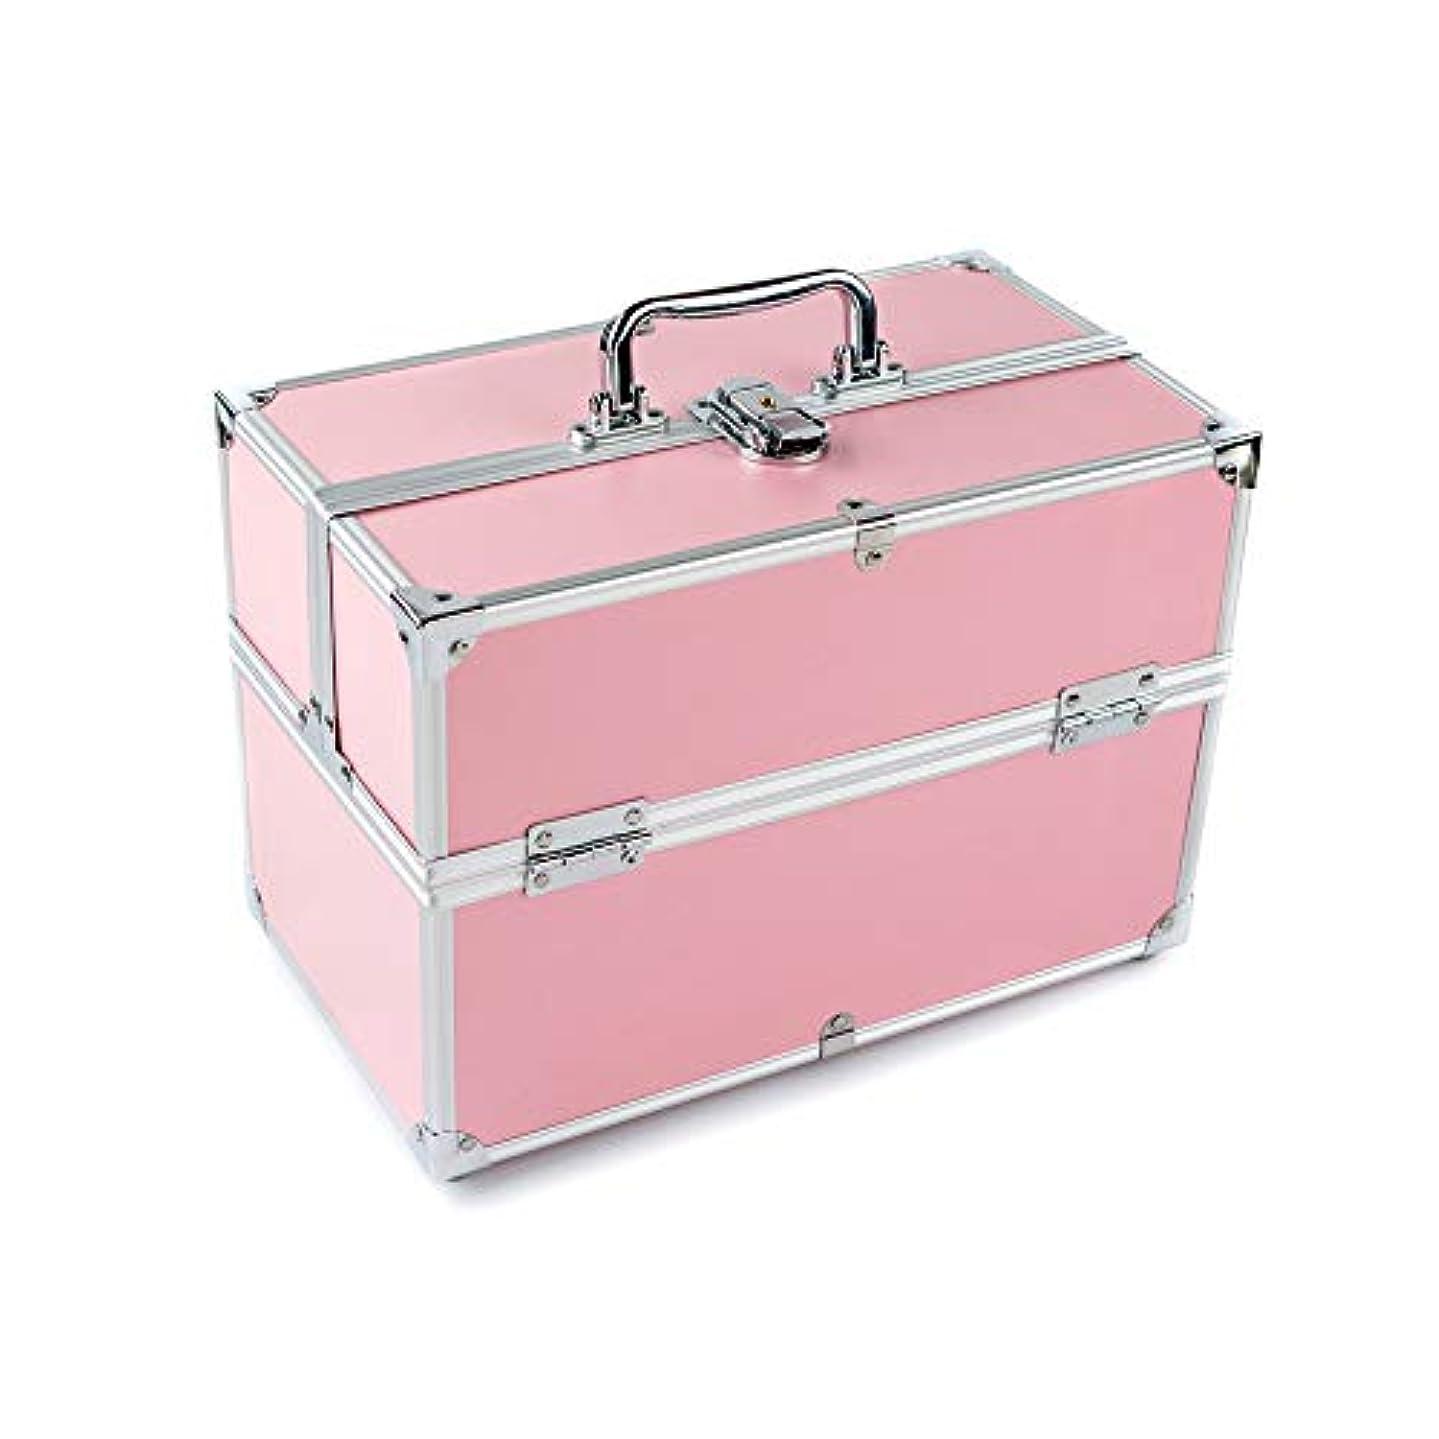 乳白色下位本質的に特大スペース収納ビューティーボックス 美の構造のためそしてジッパーおよび折る皿が付いている女の子の女性旅行そして毎日の貯蔵のための高容量の携帯用化粧品袋 化粧品化粧台 (色 : ピンク)